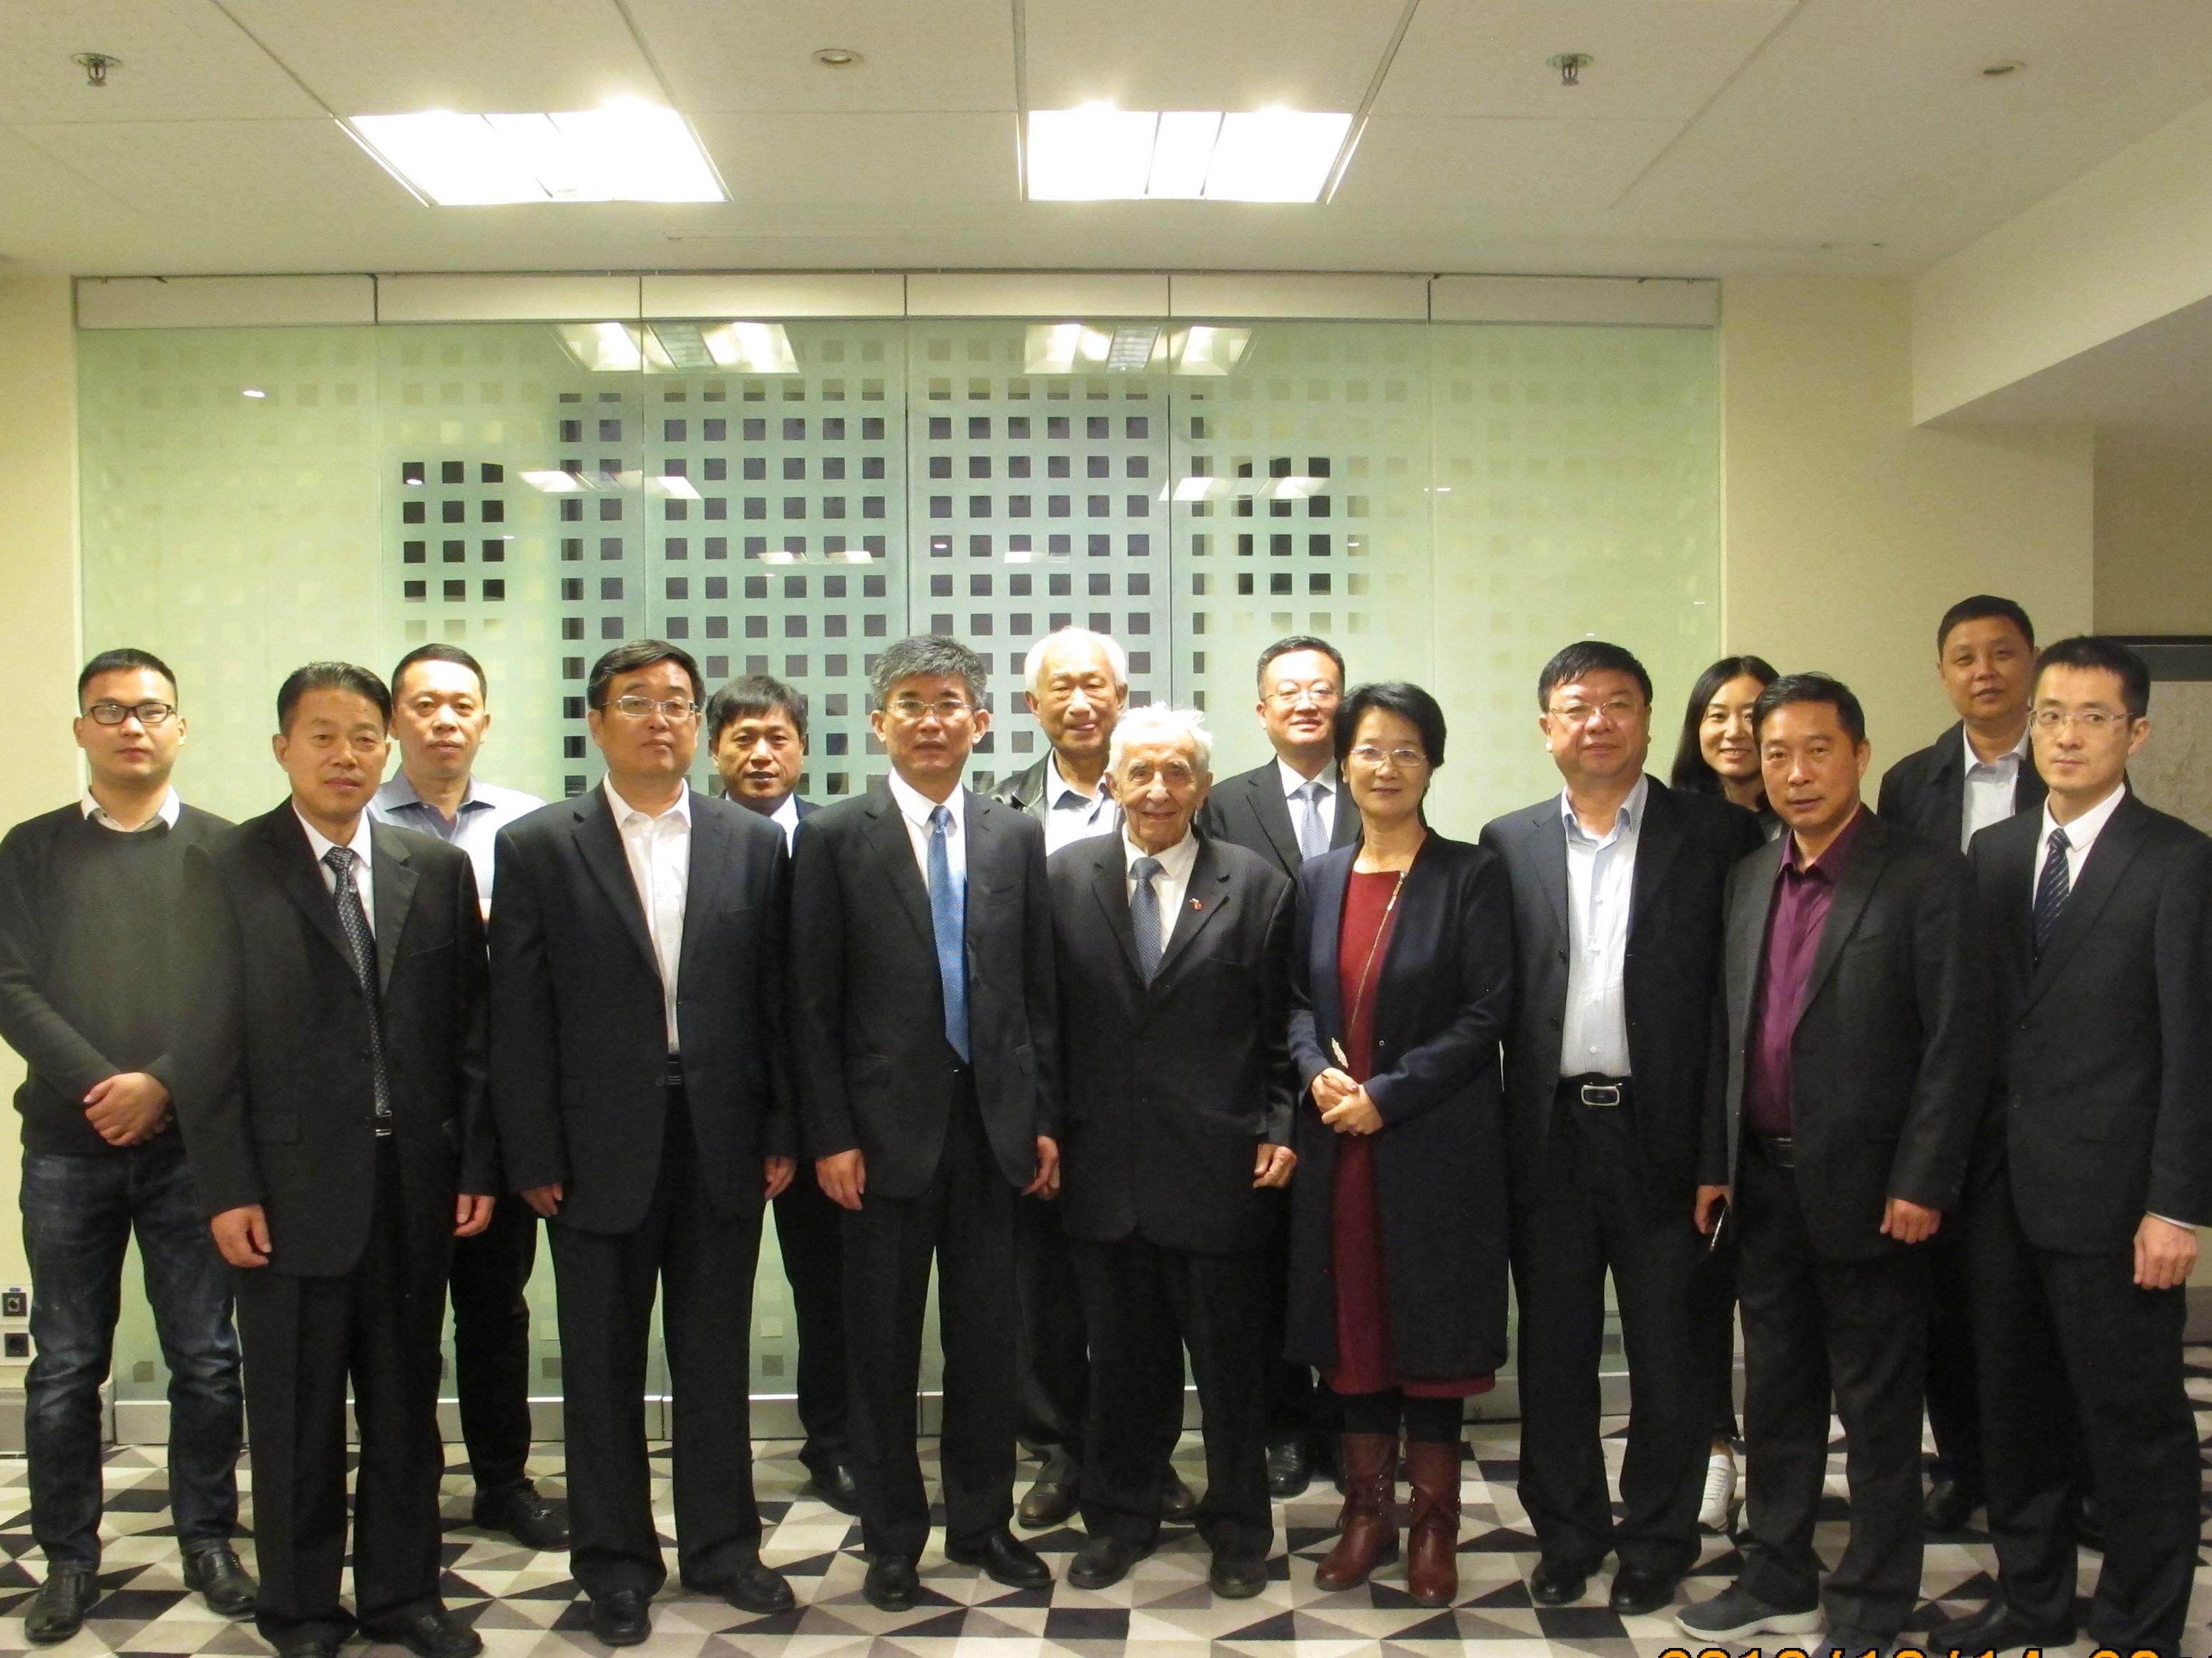 菏泽市政府经贸代表团赴俄罗斯、土耳其、波兰开展经贸活动